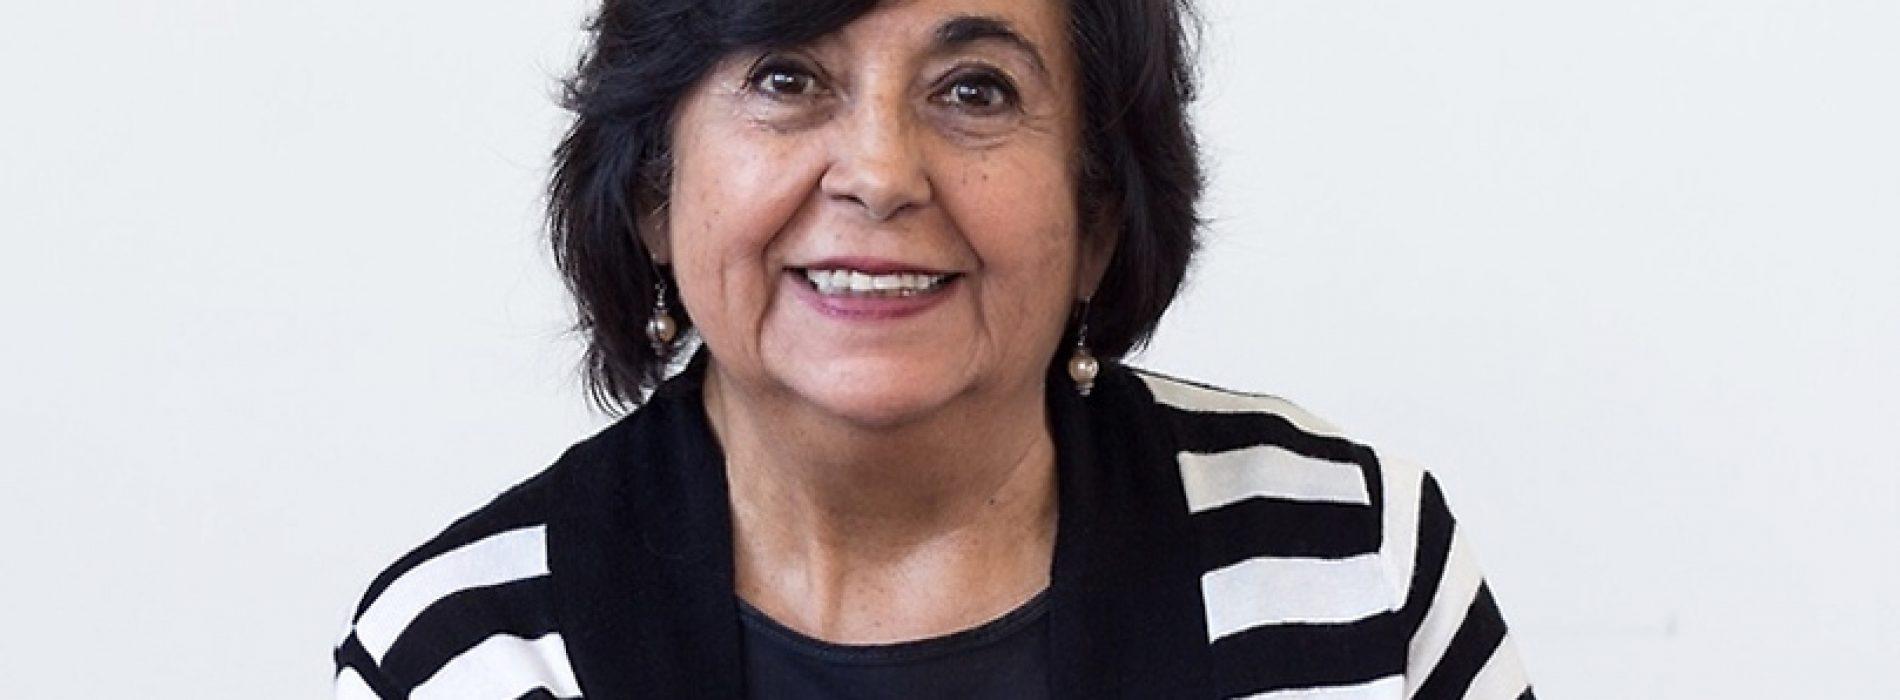 """Dra. Cecilia Hidalgo: """"En general hay una desconfianza sobre el talento de las mujeres. Nos han etiquetado de emocionales, de no tener pensamiento objetivo y de no poder hacer análisis crítico"""